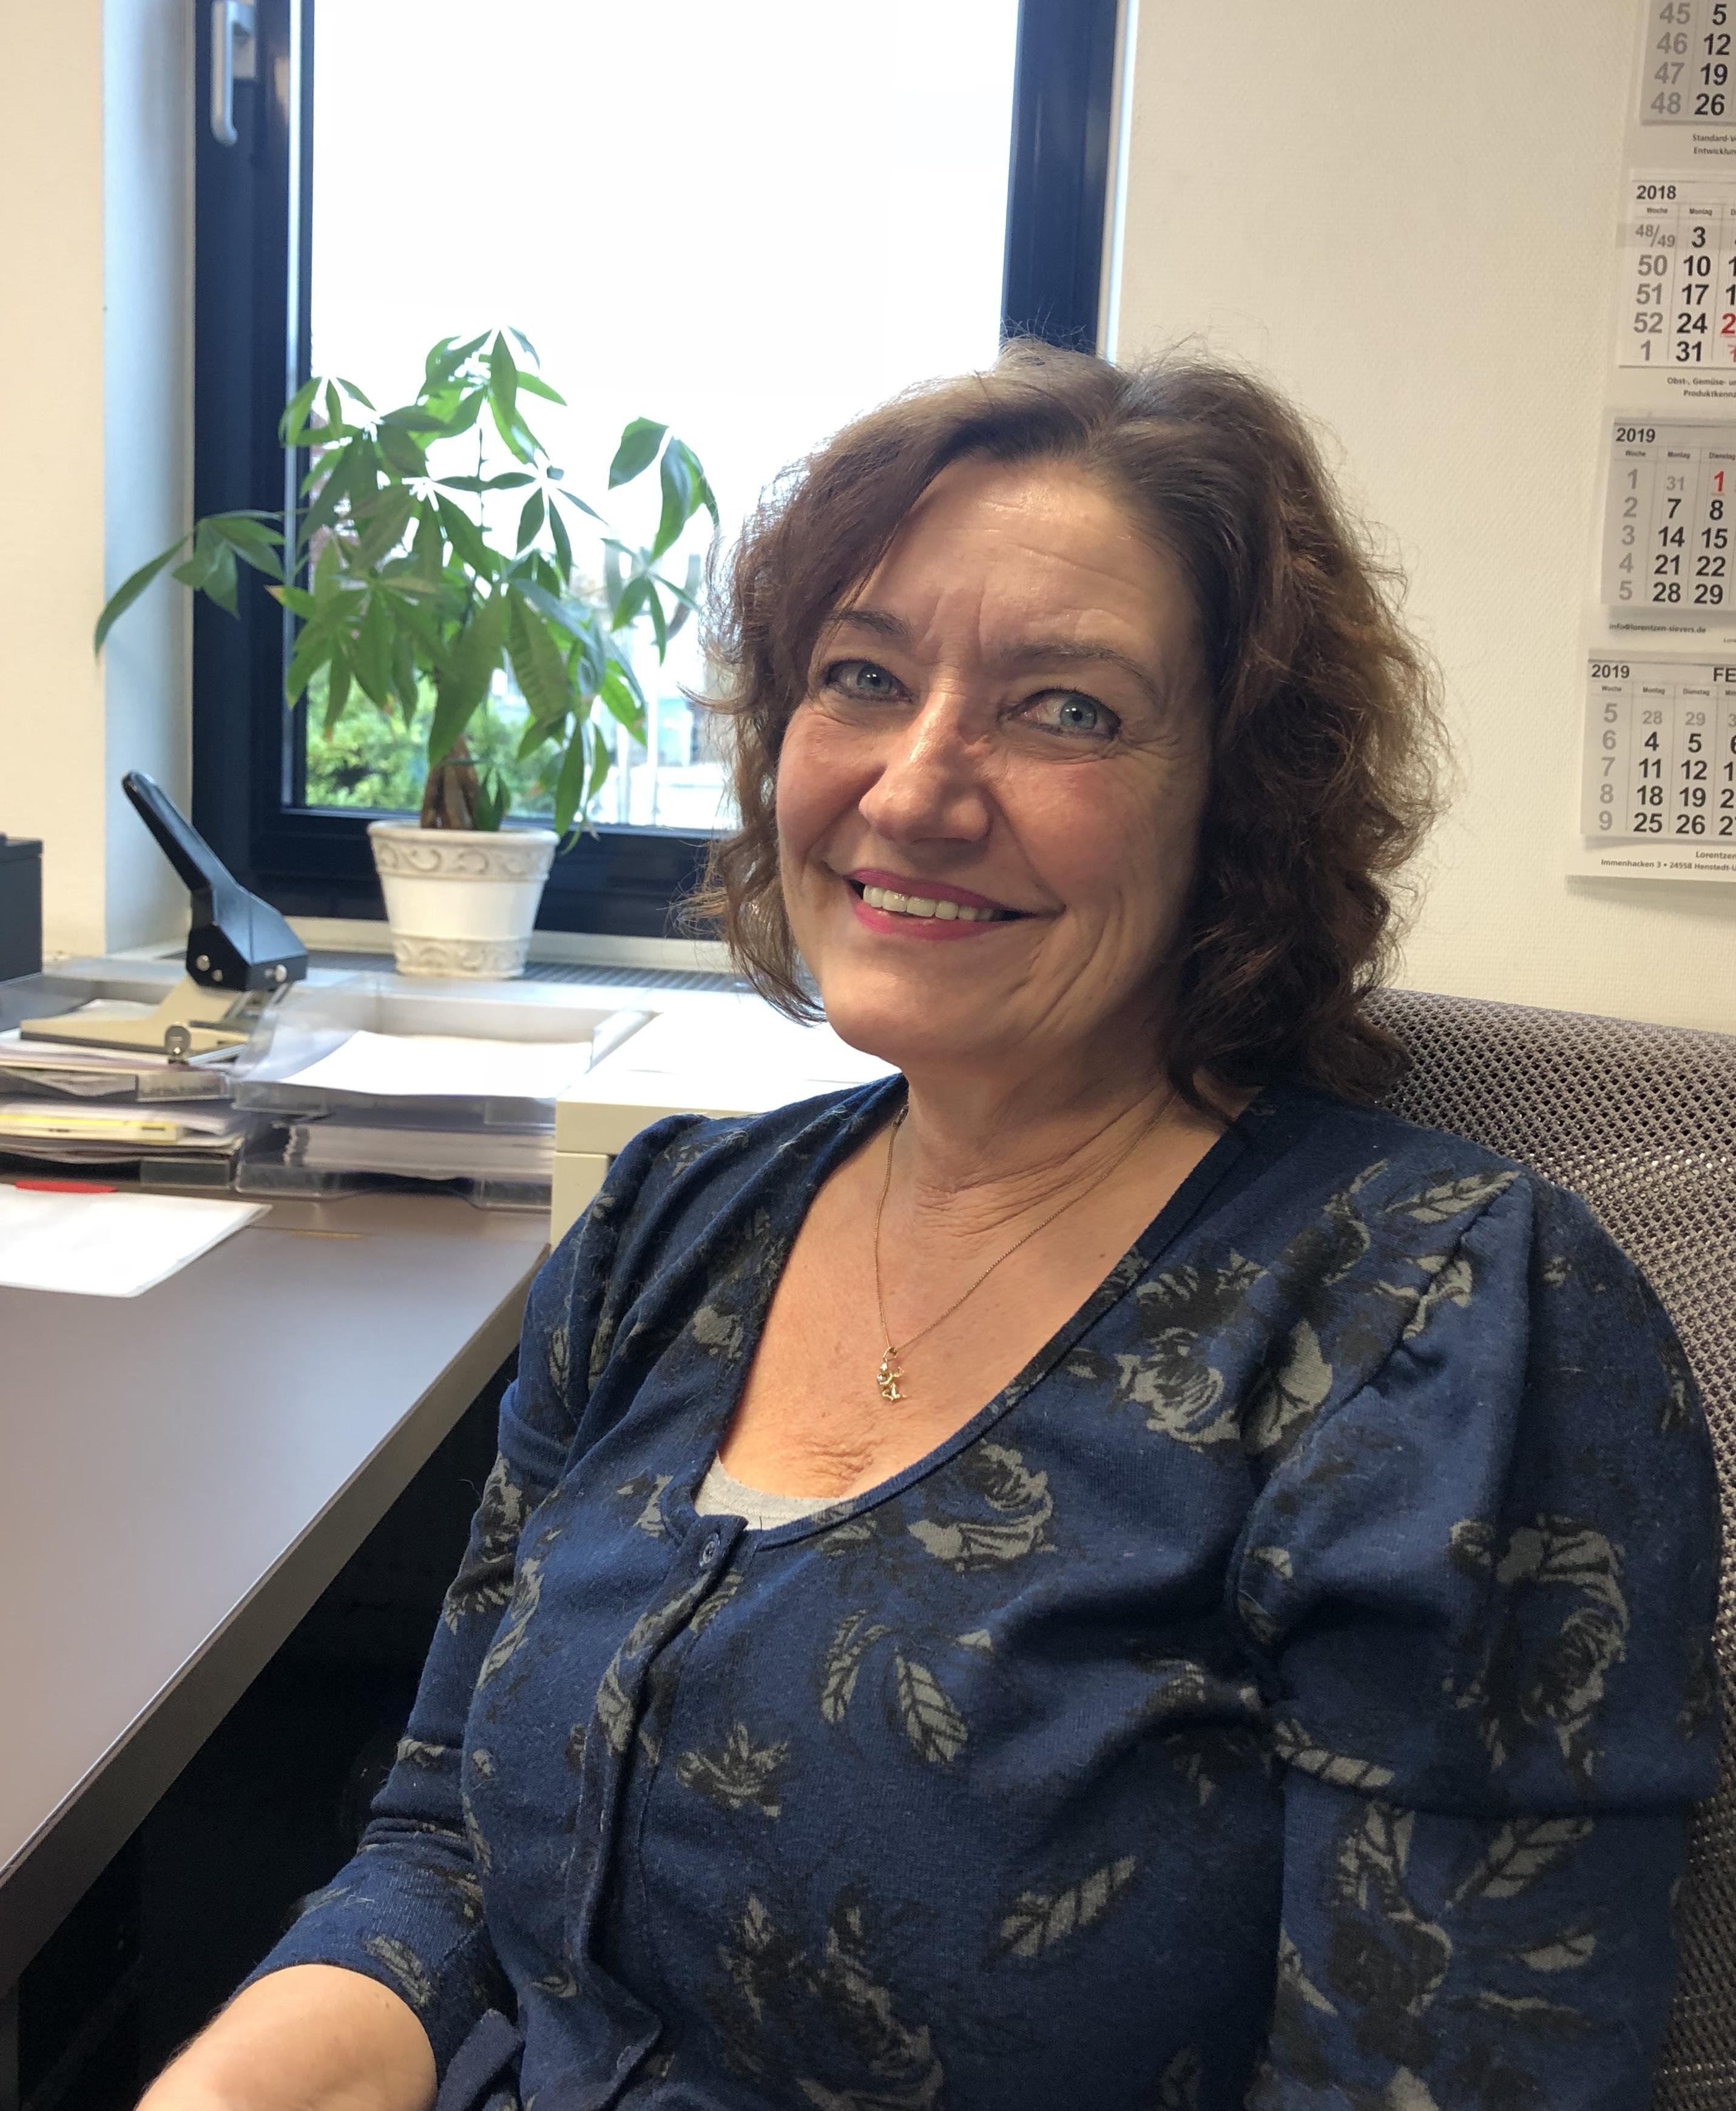 Susanne Reinhardt